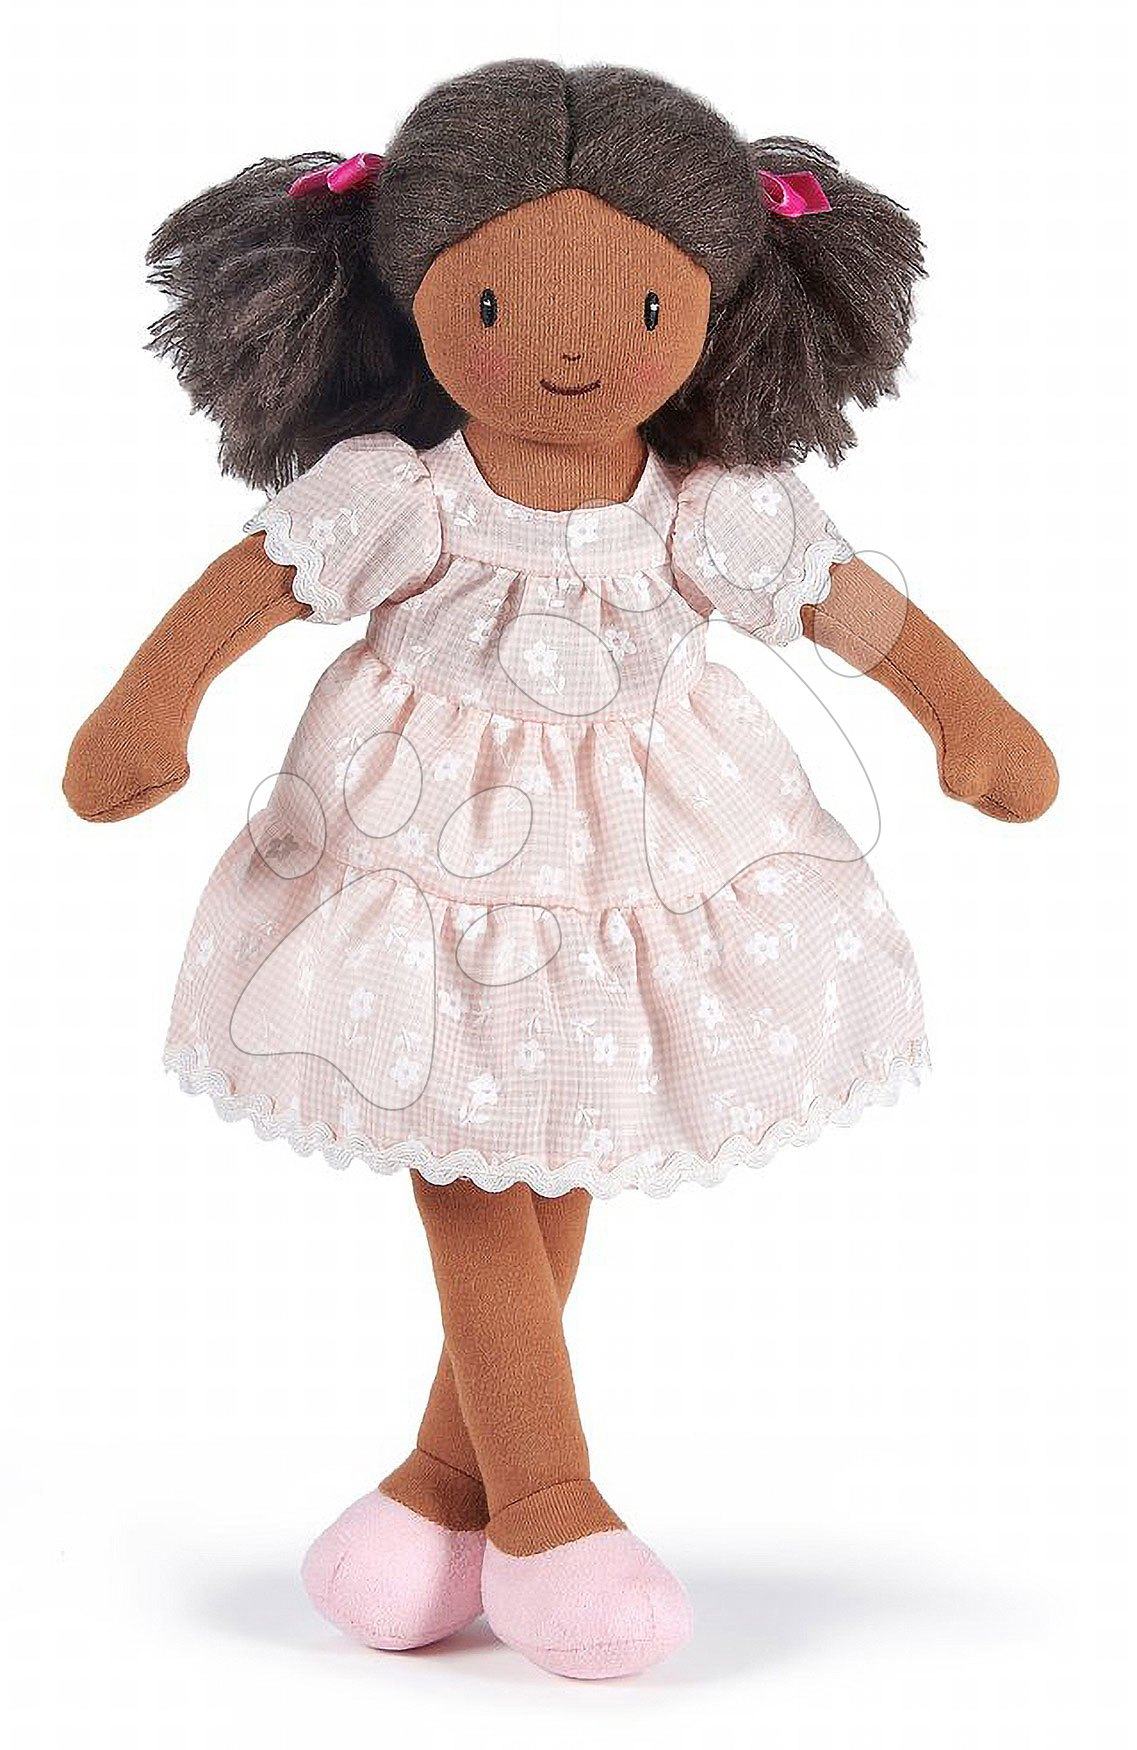 Hadrové panenky - Panenka hadrová Mia Rag Doll ThreadBear 35 cm z jemné měkké bavlny s tmavými vlásky